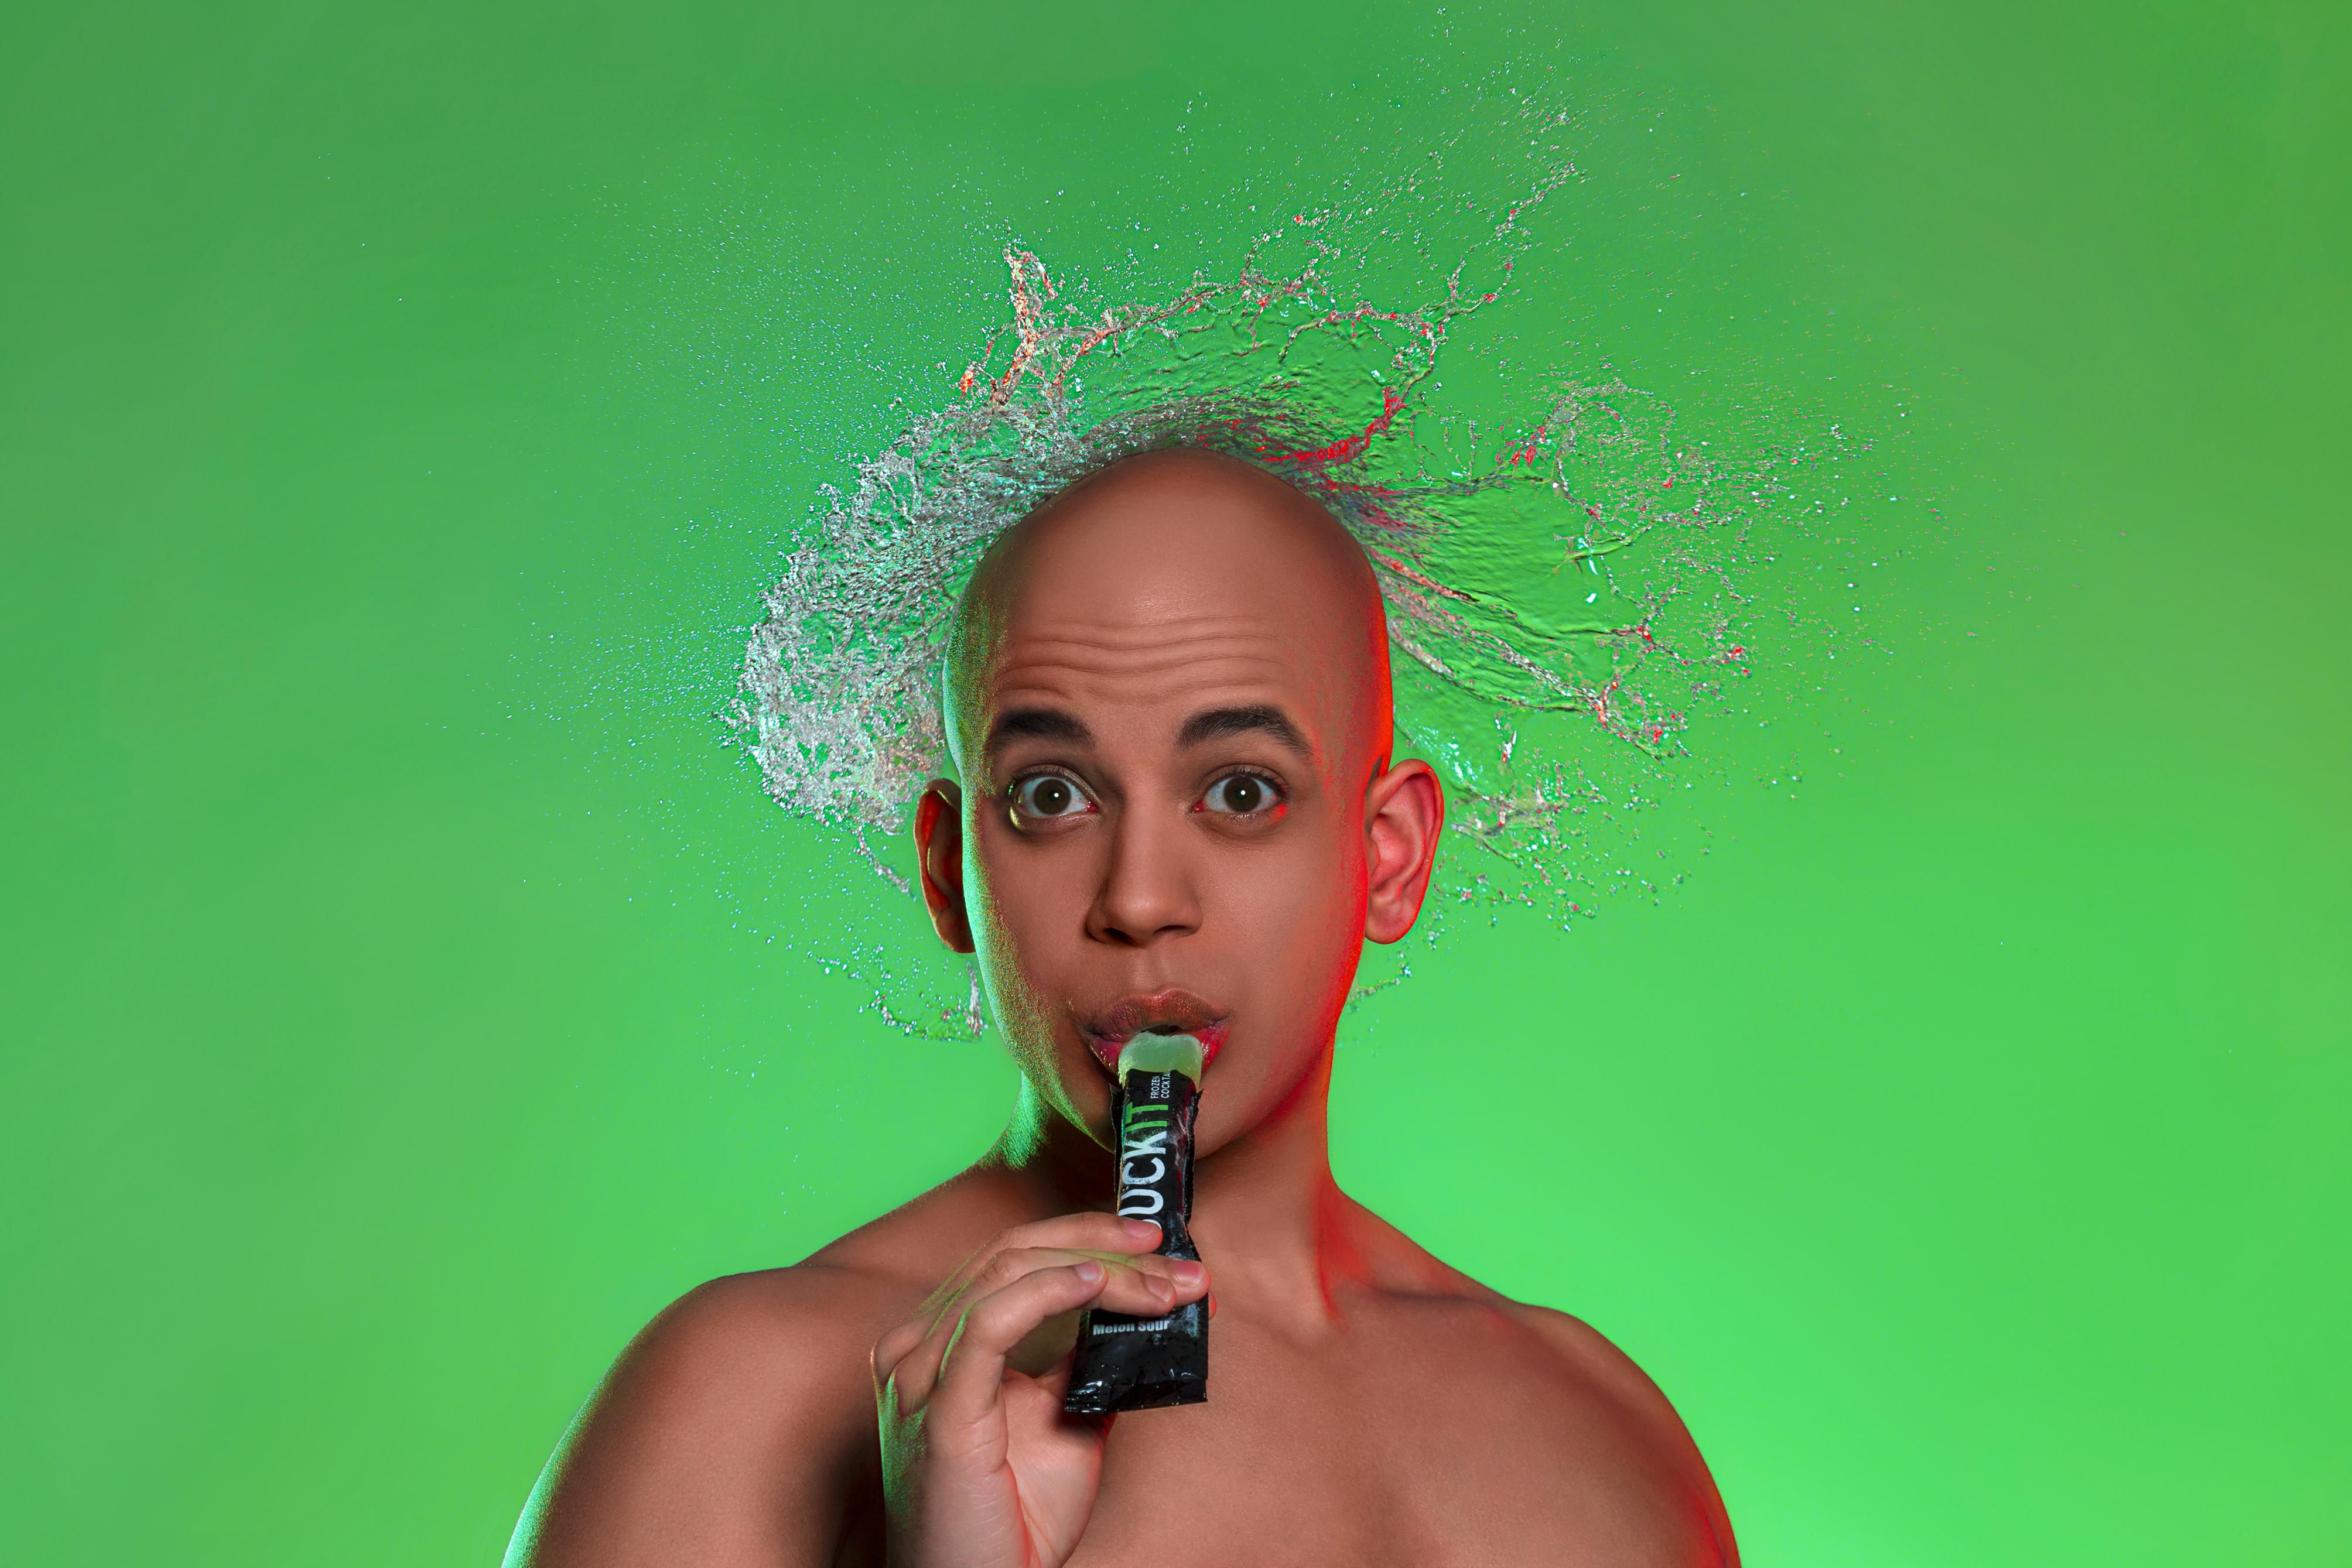 Studio-Portrait eines Mannes mit Wasserexplosion über dem Kopf vor gruenem Hintergrund. Studio portrait of a man with a water explosion over his head in front of a green background.